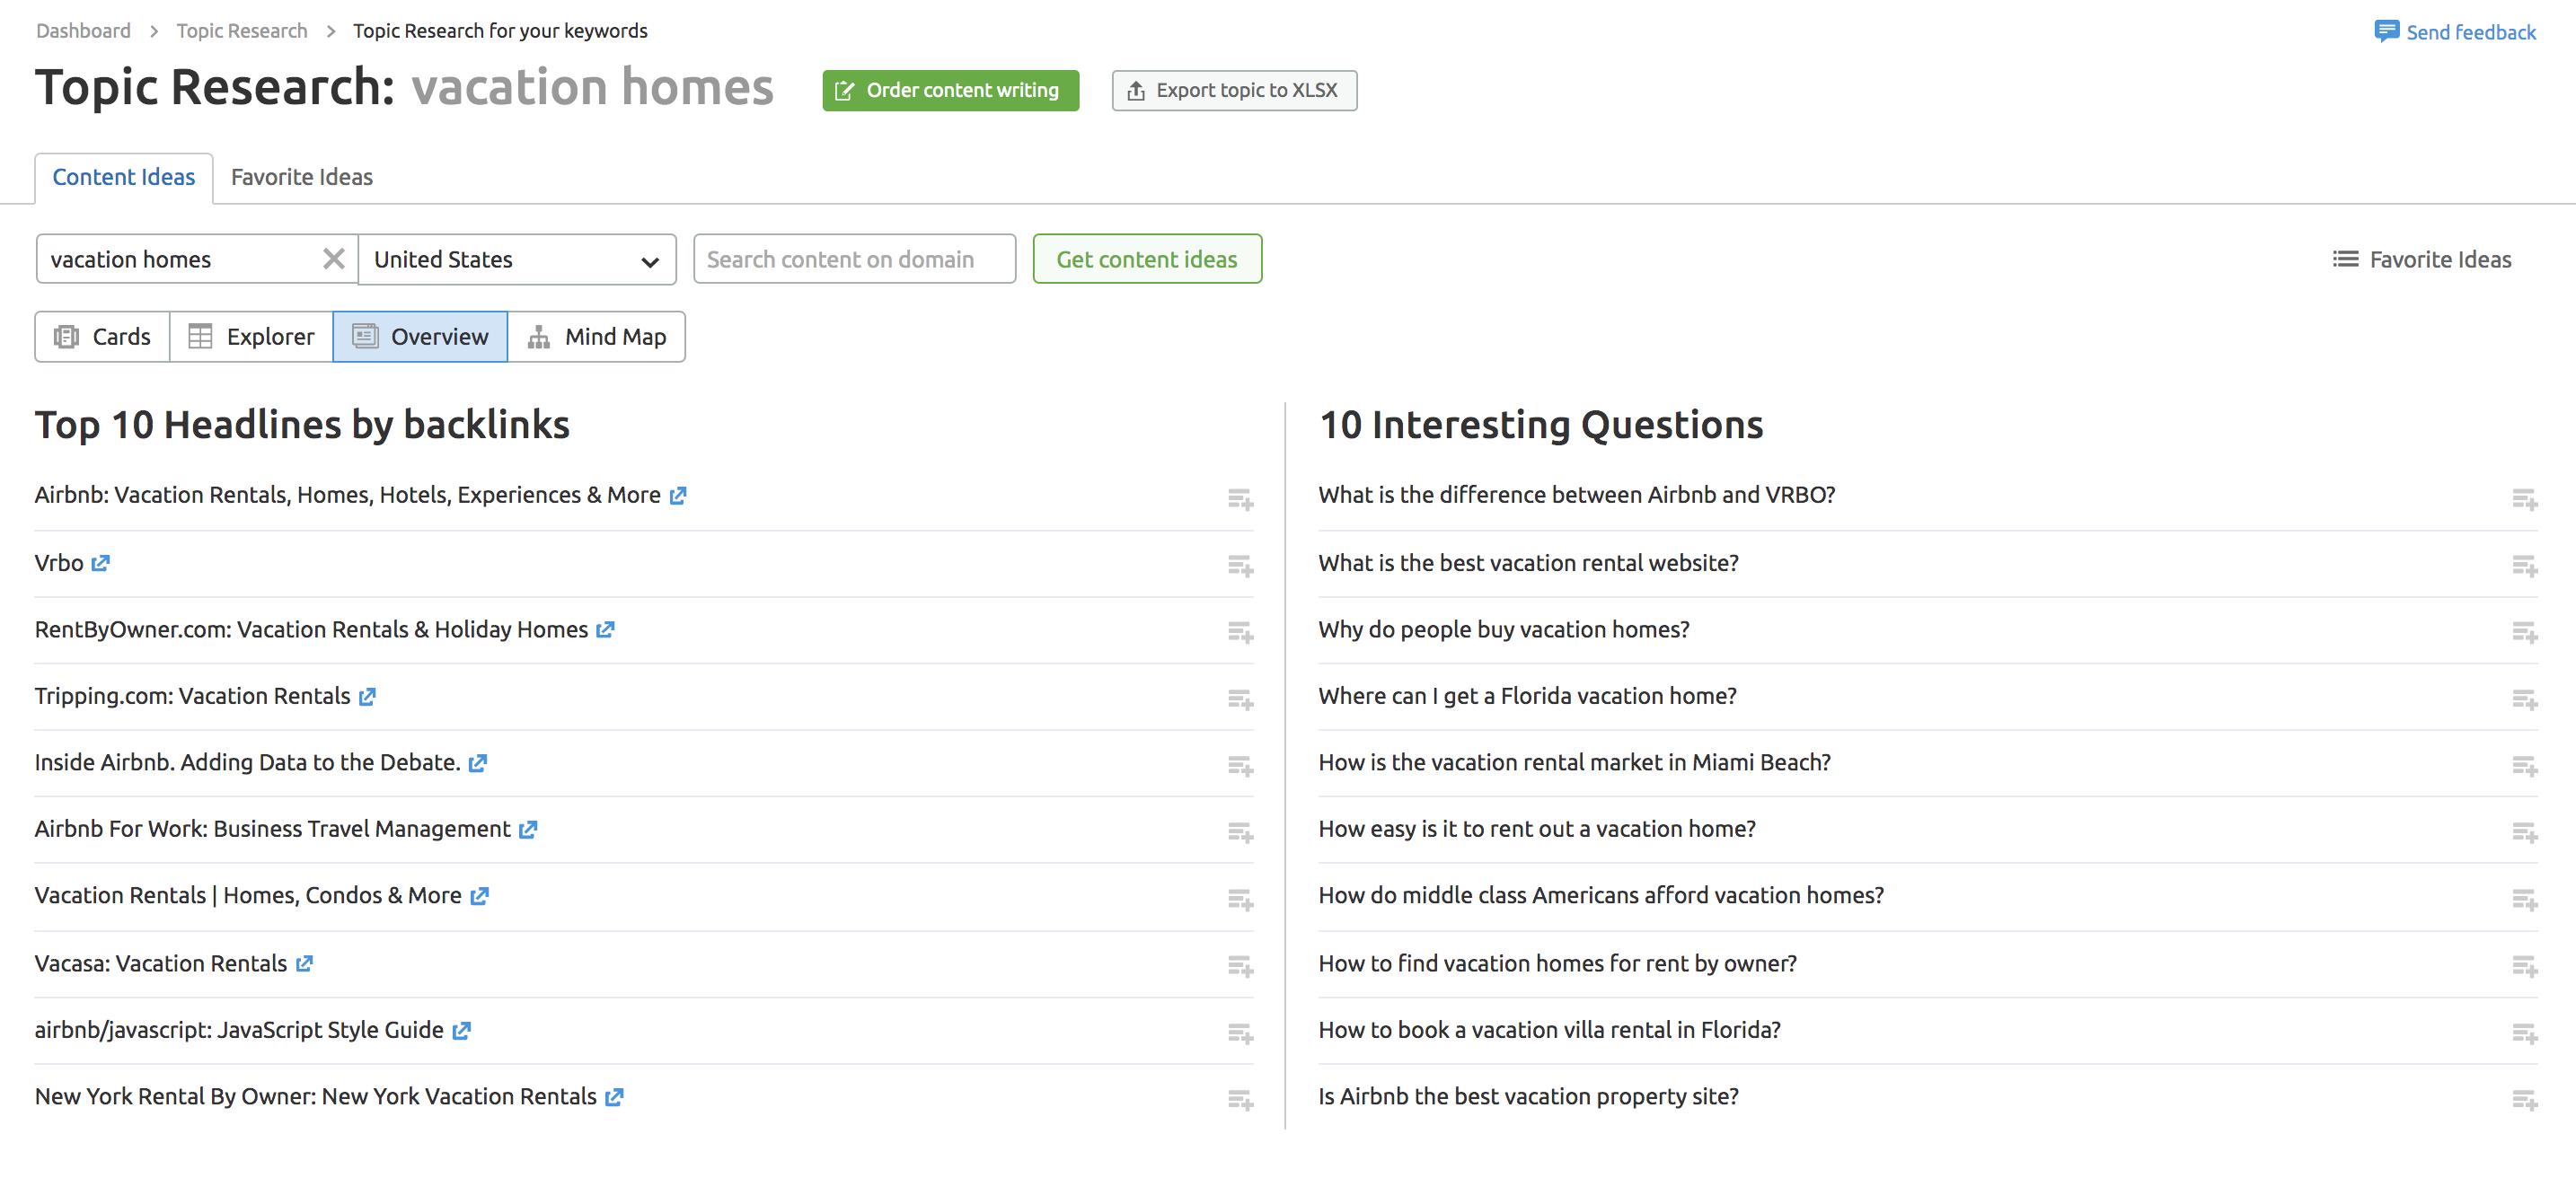 Topic Research Tool Data Screenshot